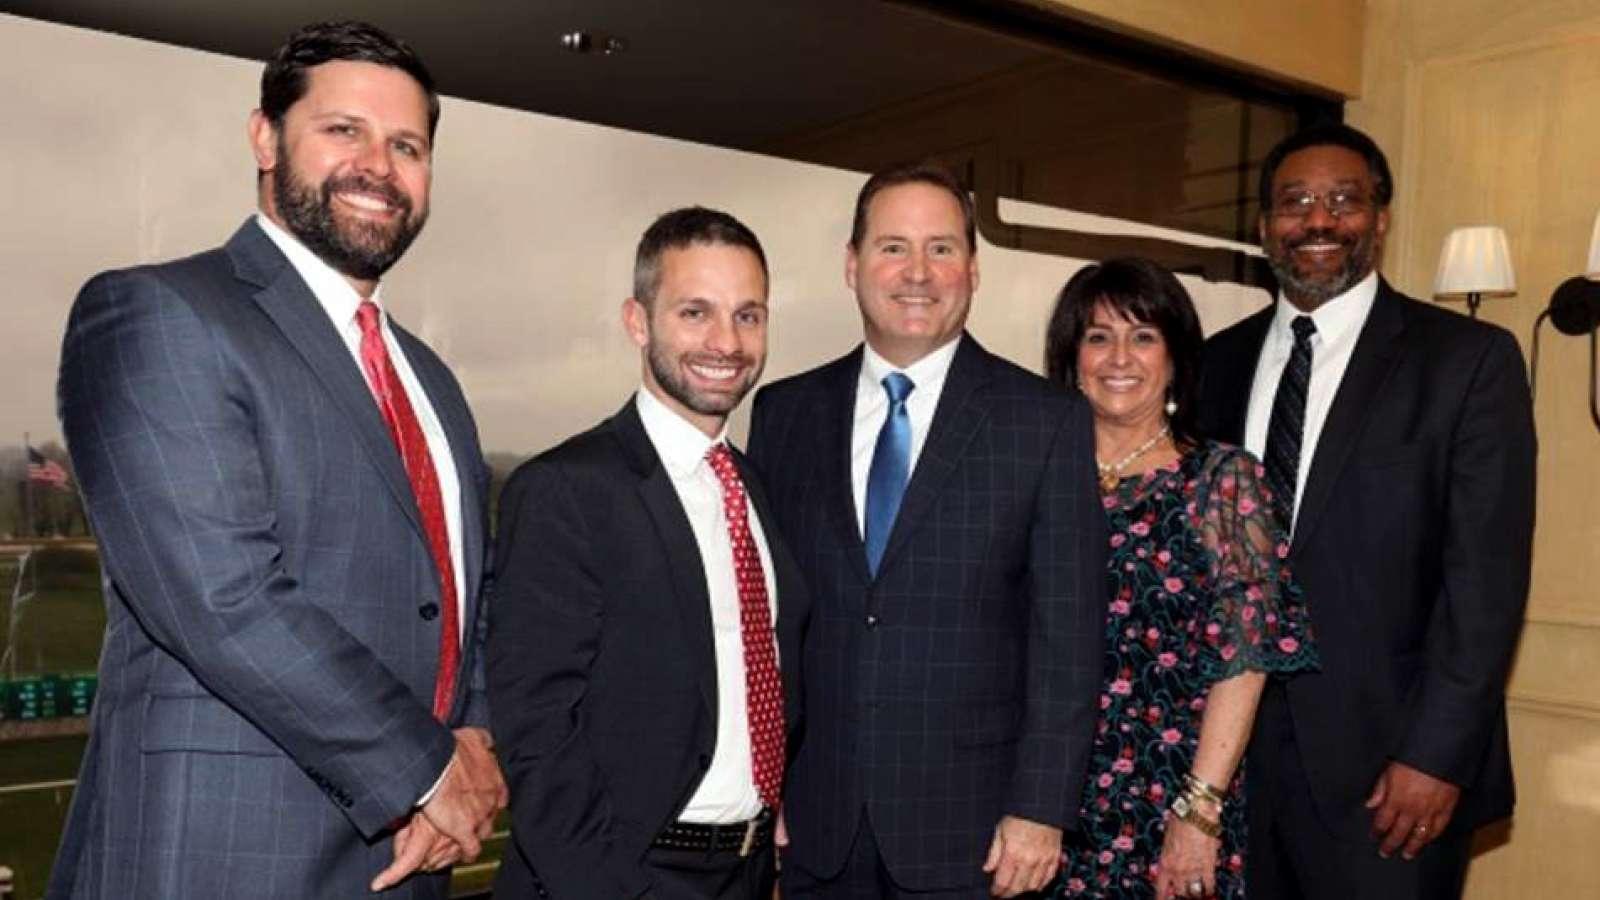 photo of the Economic Development team